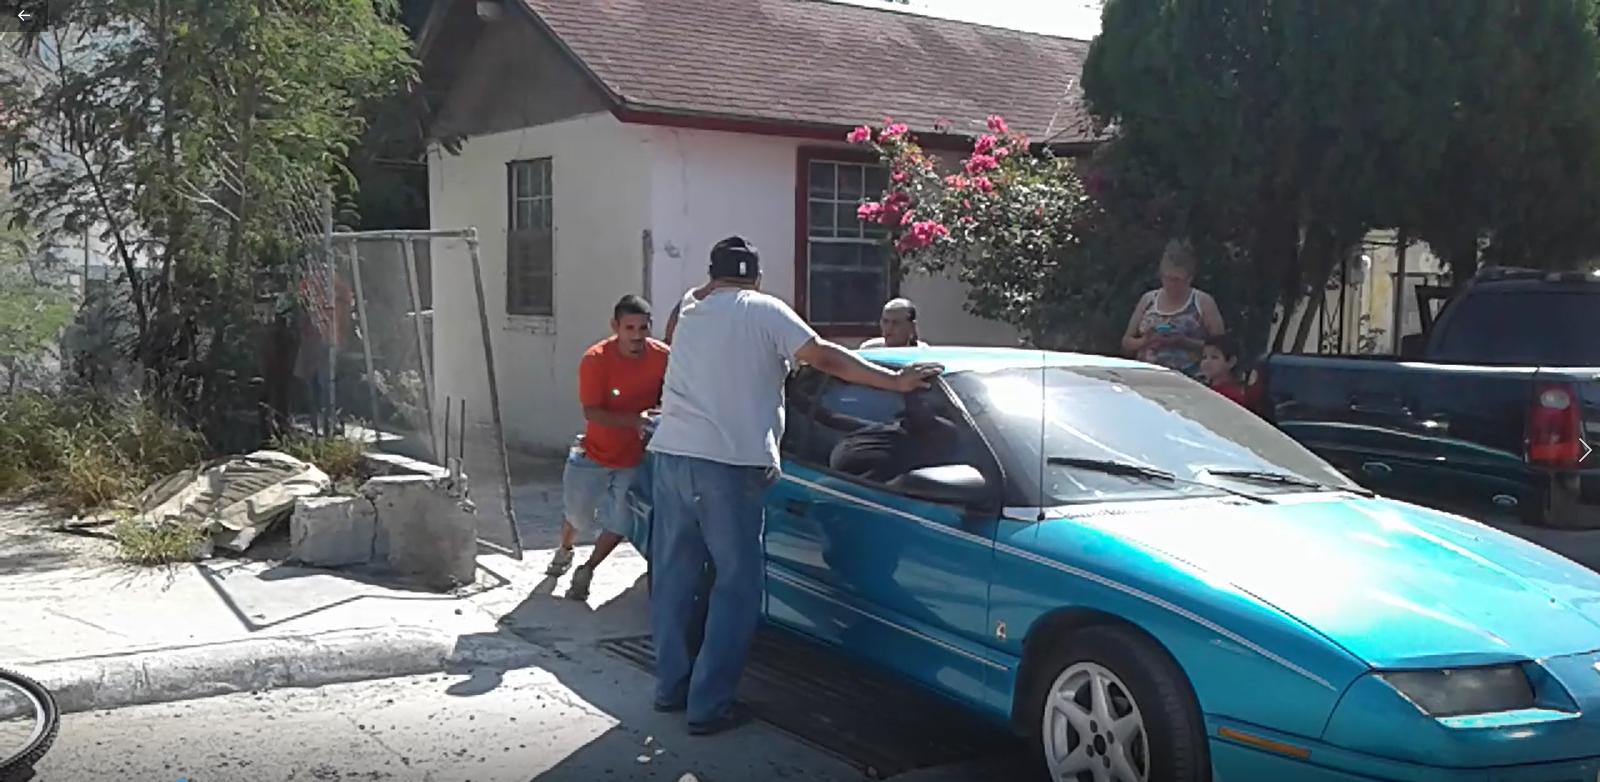 """EXTRAEN. Vecinos de la avenida Manuel Hinojosa, tuvieron que extraer de los patios de sus viviendas varios autos que podían ser alcanzados por el fuego que se originó en el Arroyo """"El Buey""""."""